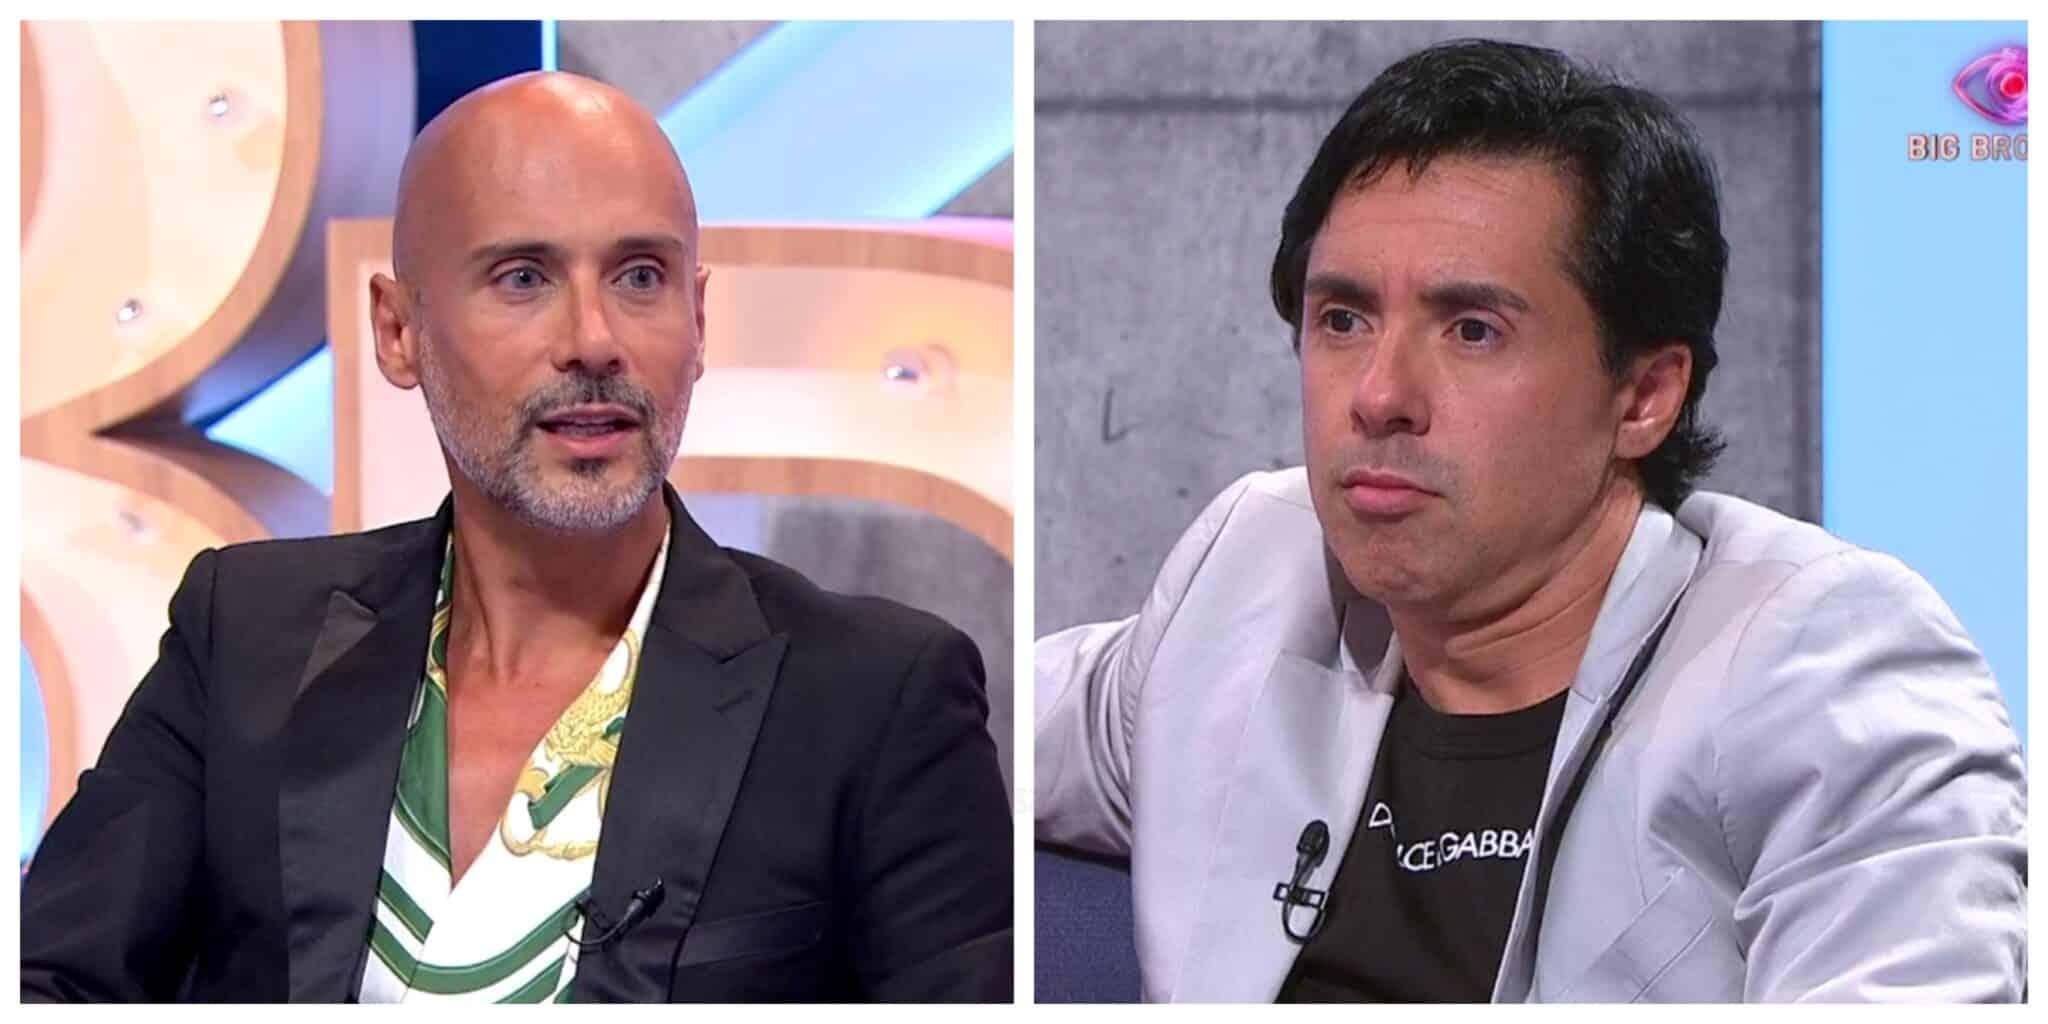 """Big Brother Pedro Crispim Pedro Soa Scaled Pedro Crispim Para Pedro Soá: """"Acho Que Existe Alguma Bipolaridade Comportamental"""""""